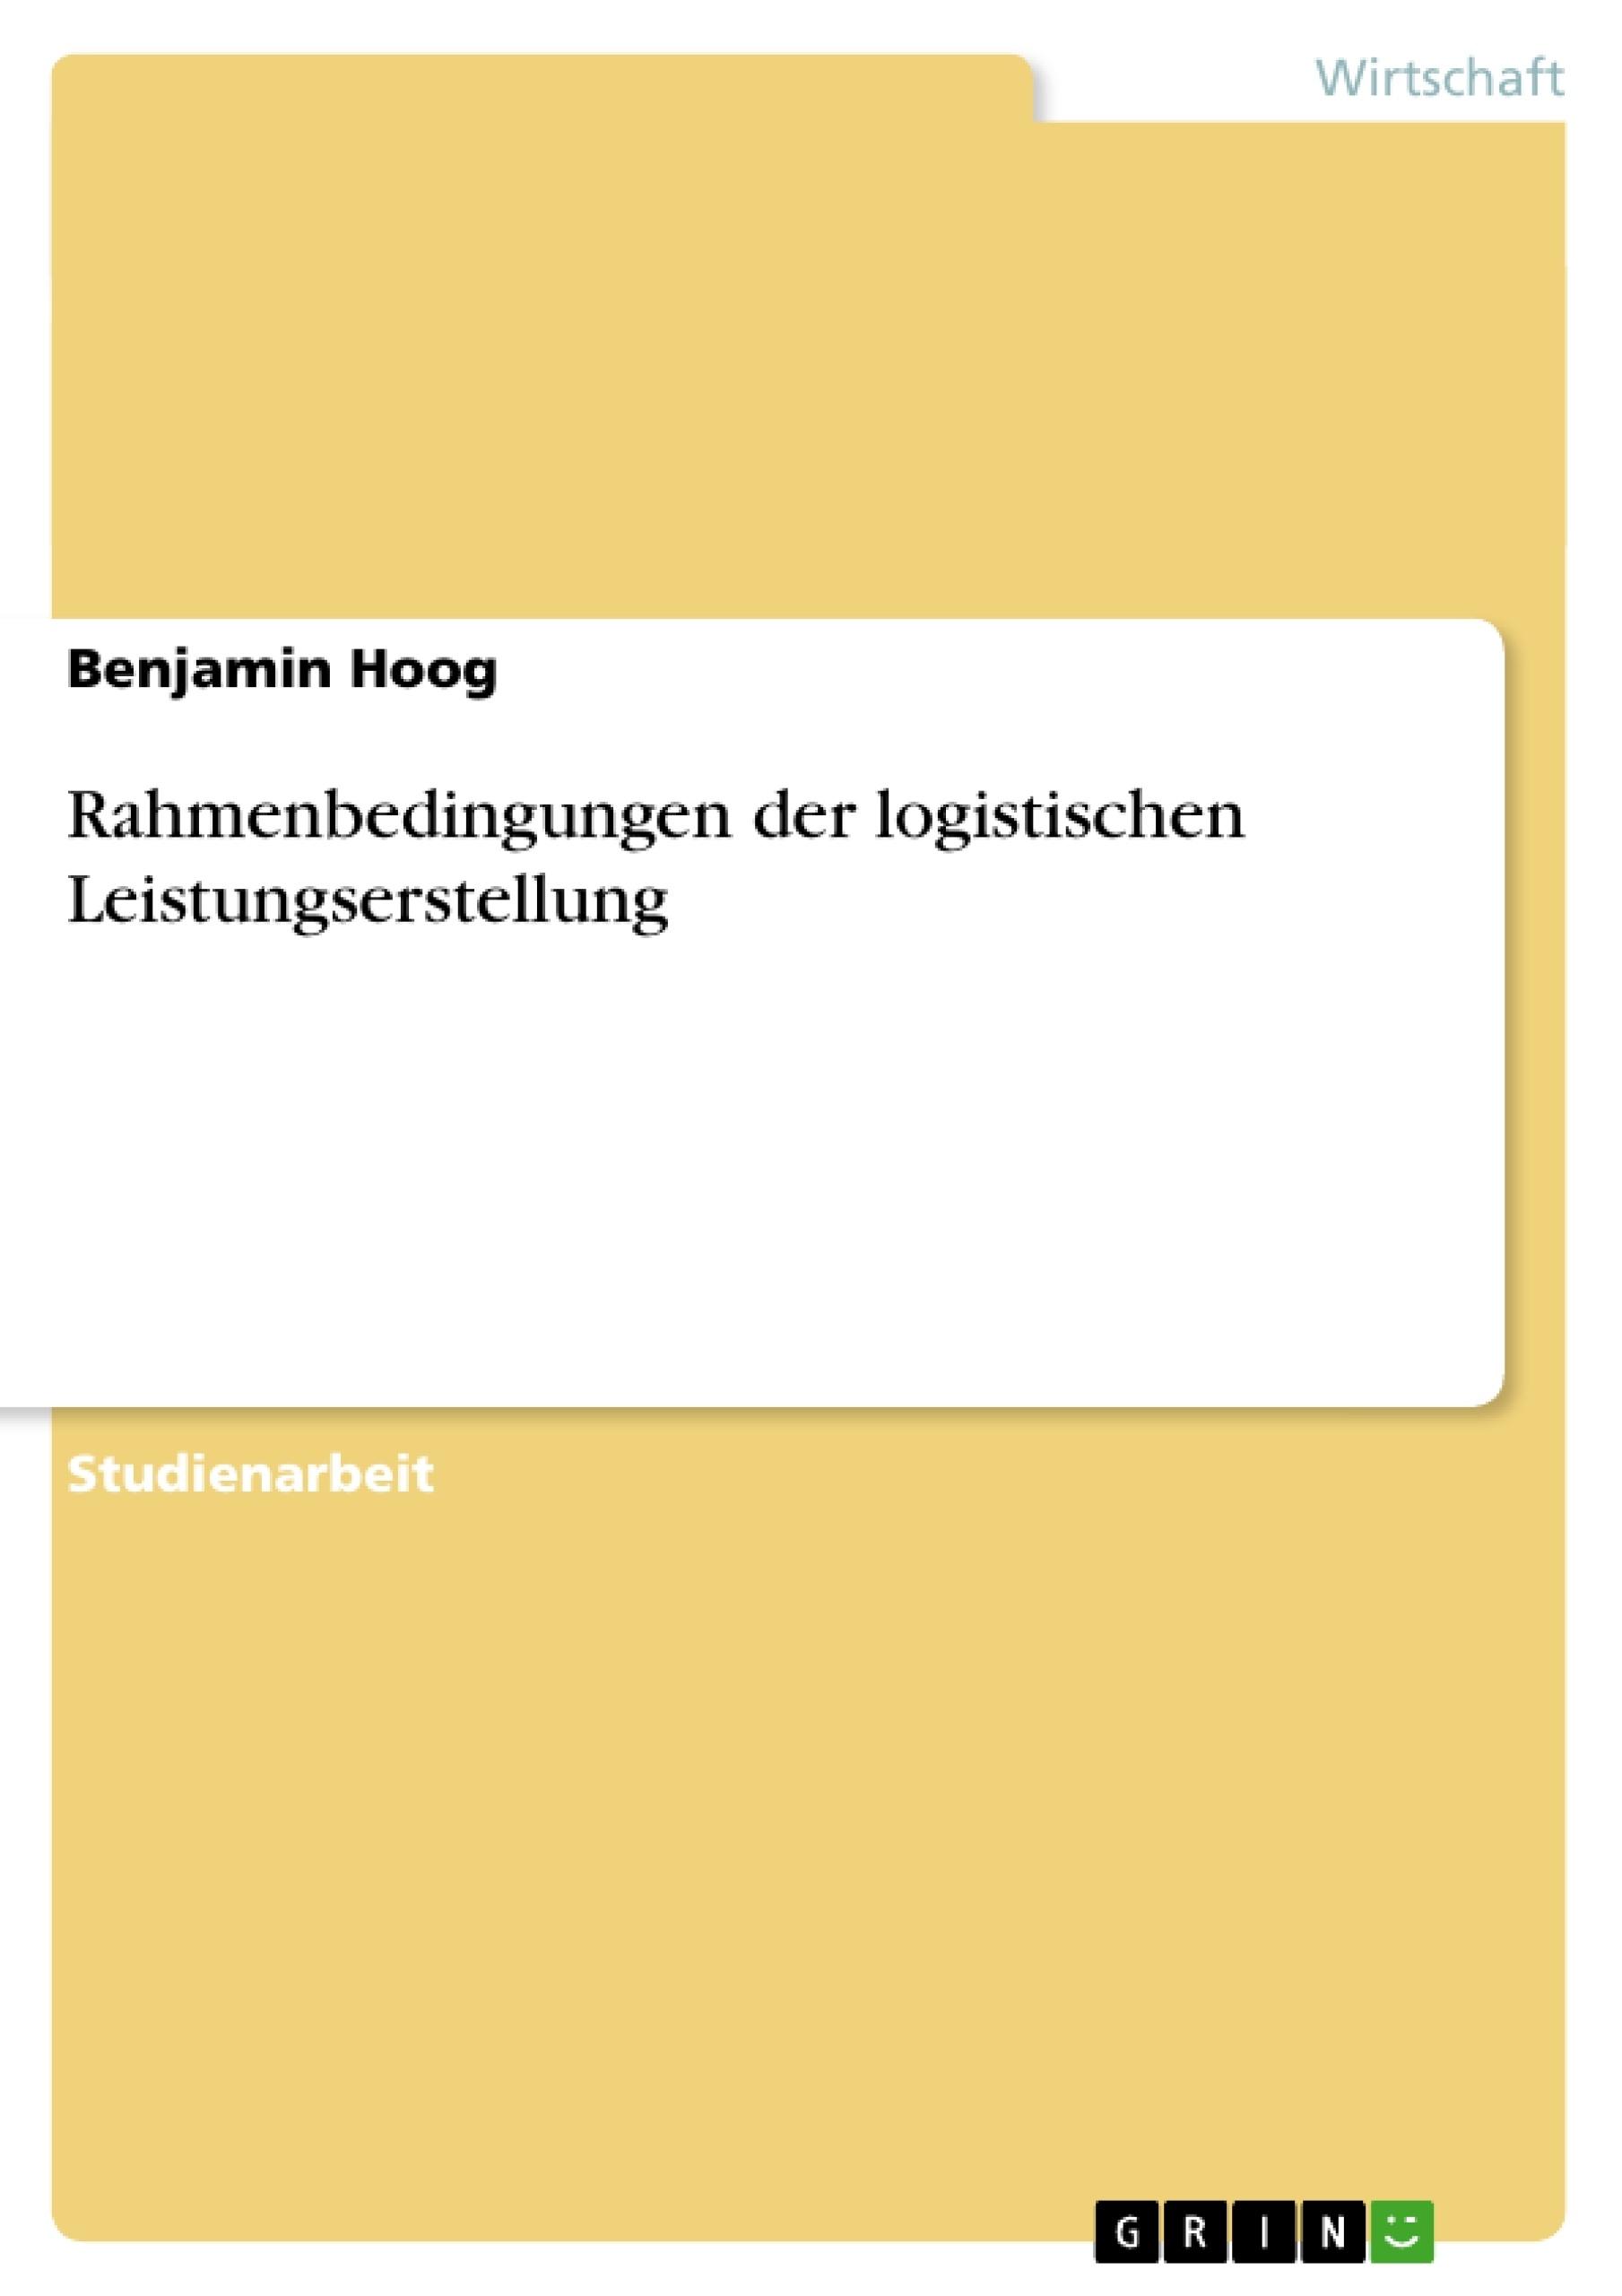 Titel: Rahmenbedingungen der logistischen Leistungserstellung